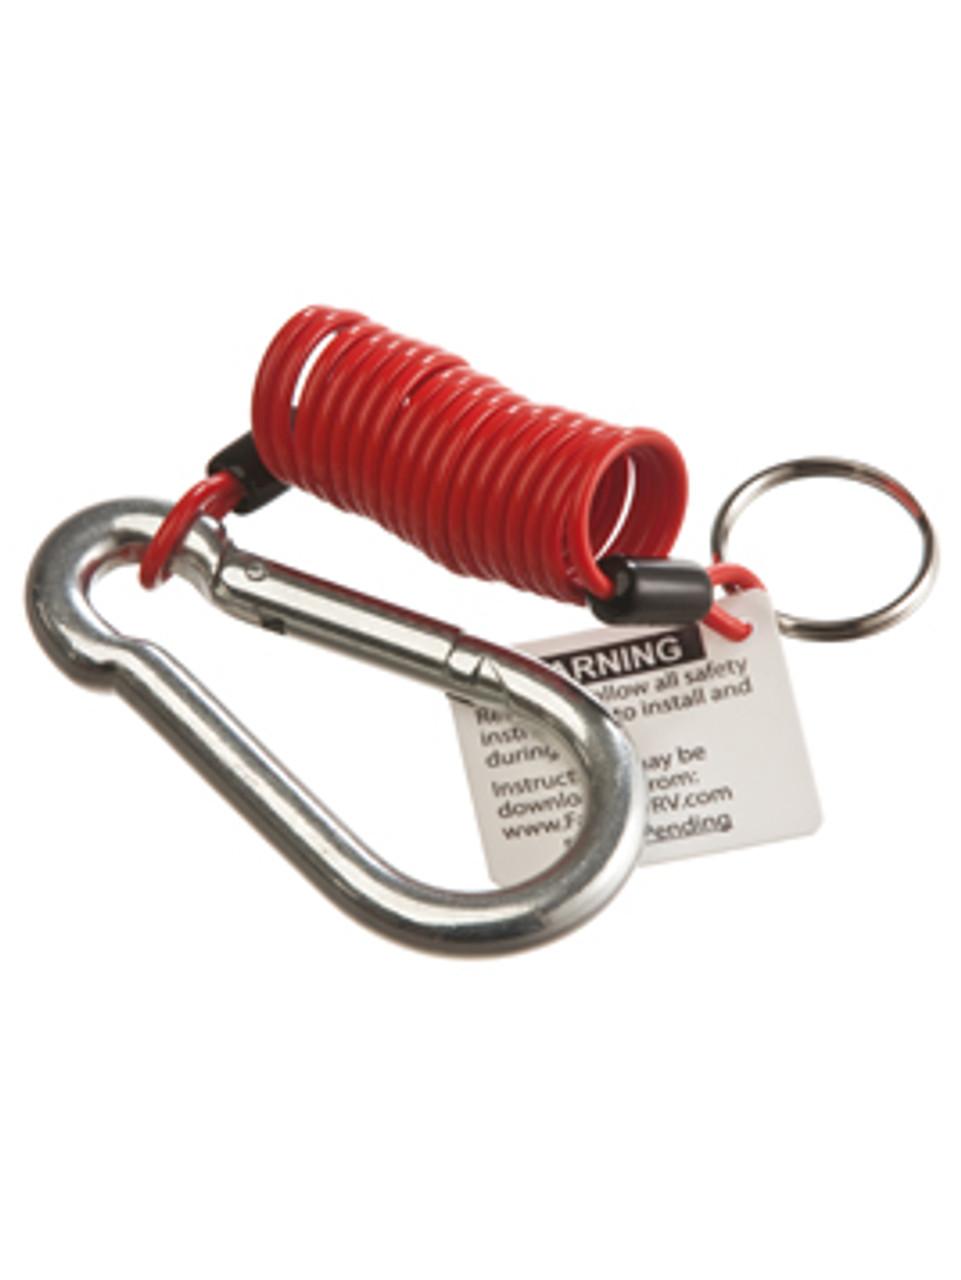 Z2160 --- Fastway  Zip  Breakaway Cable - 6'